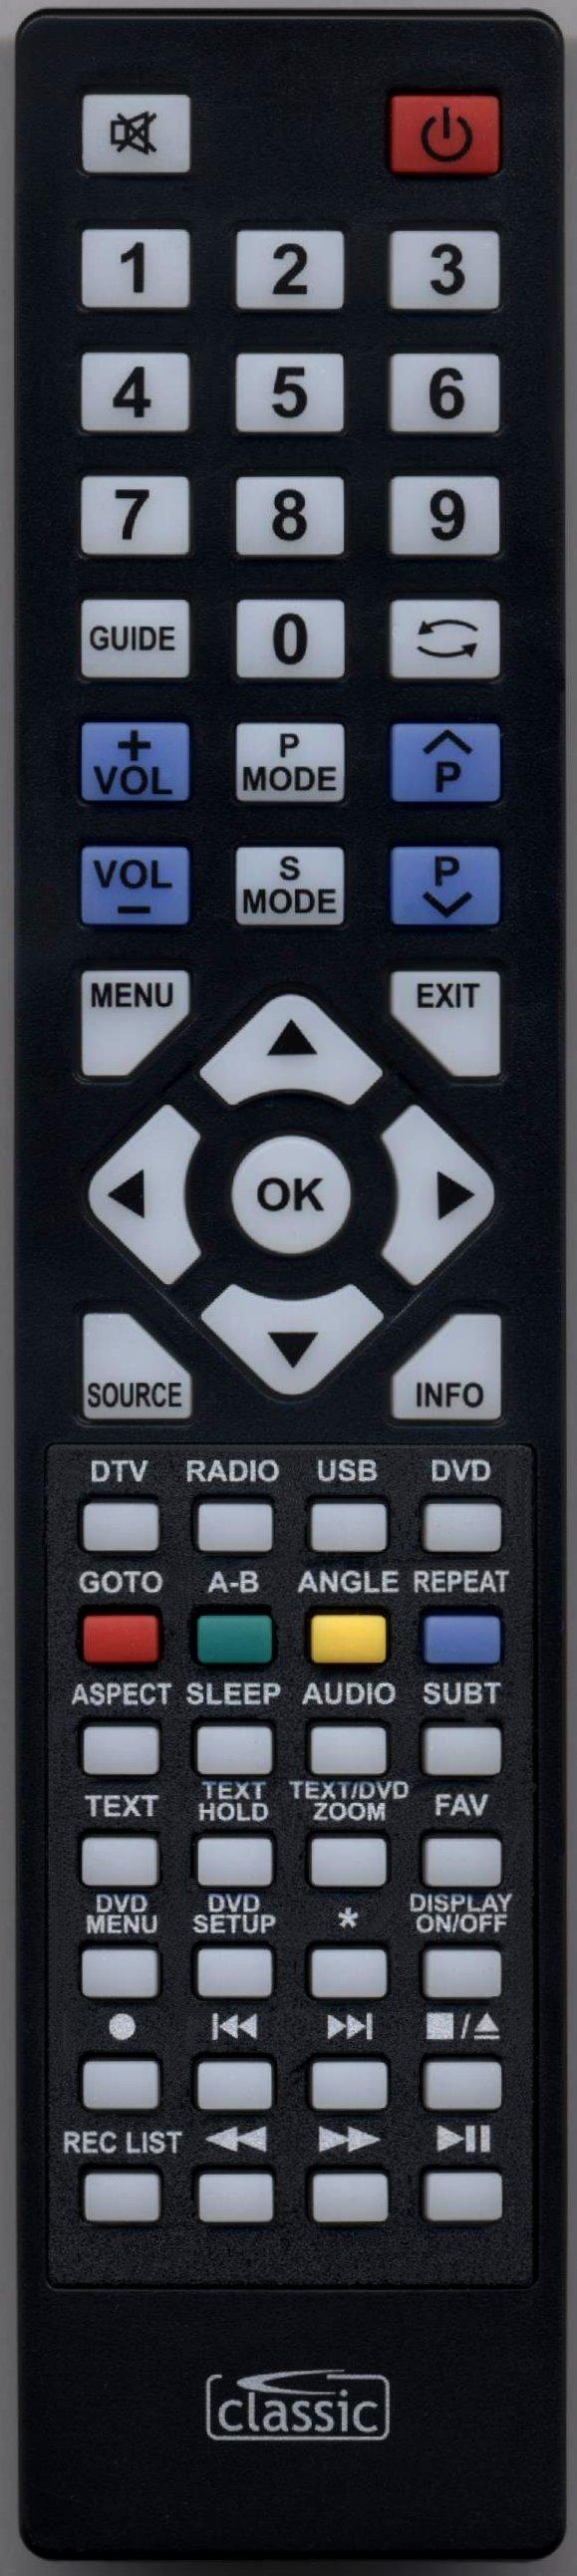 BLAUPUNKT 42/188J-GB-5B-F3HCU-UK Remote Control Alternative